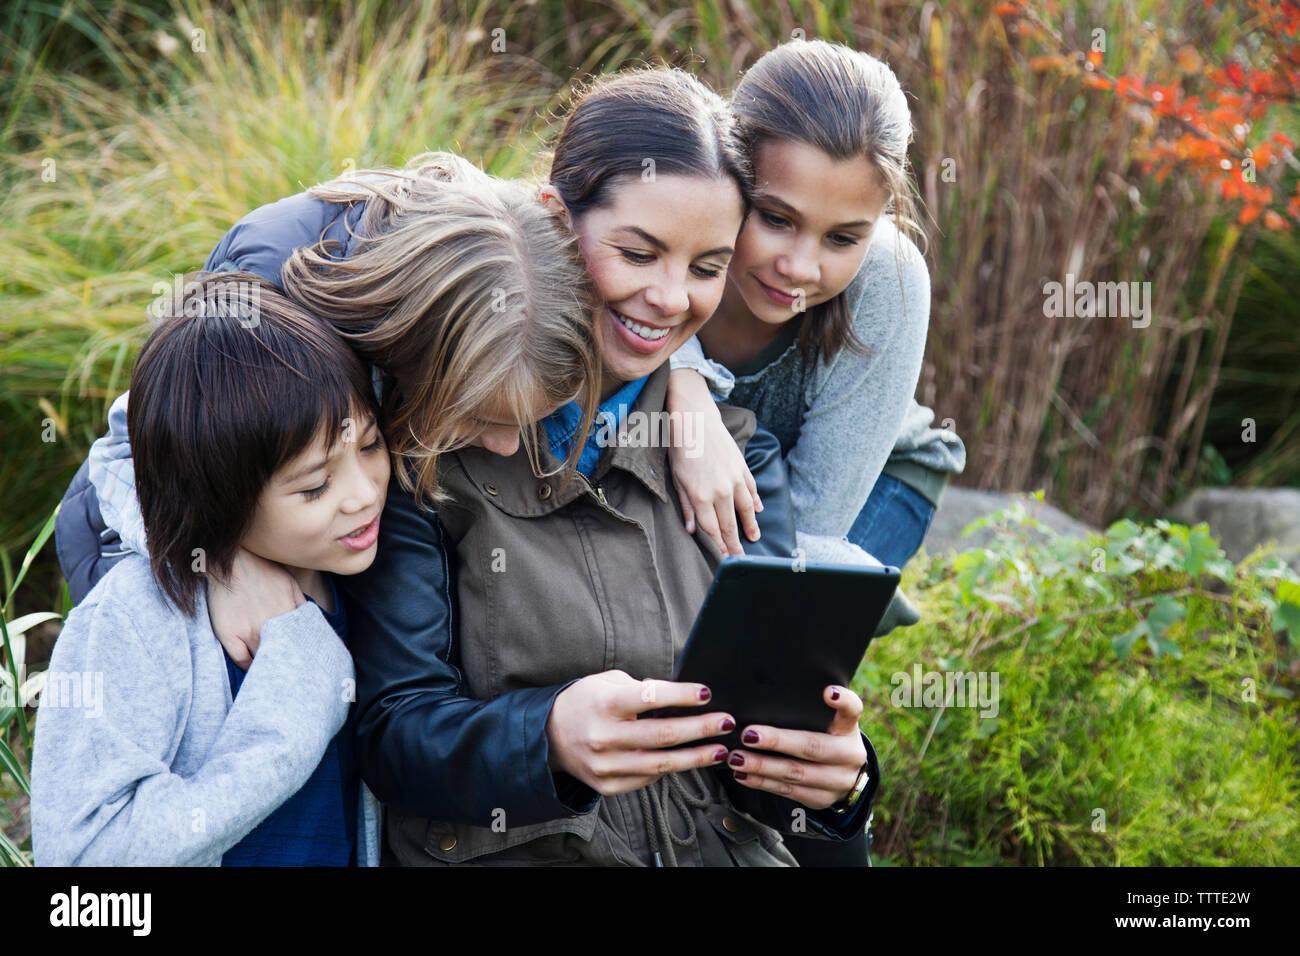 Lehrer zeigen Tablet Computer für Kinder während der Exkursion Stockfoto